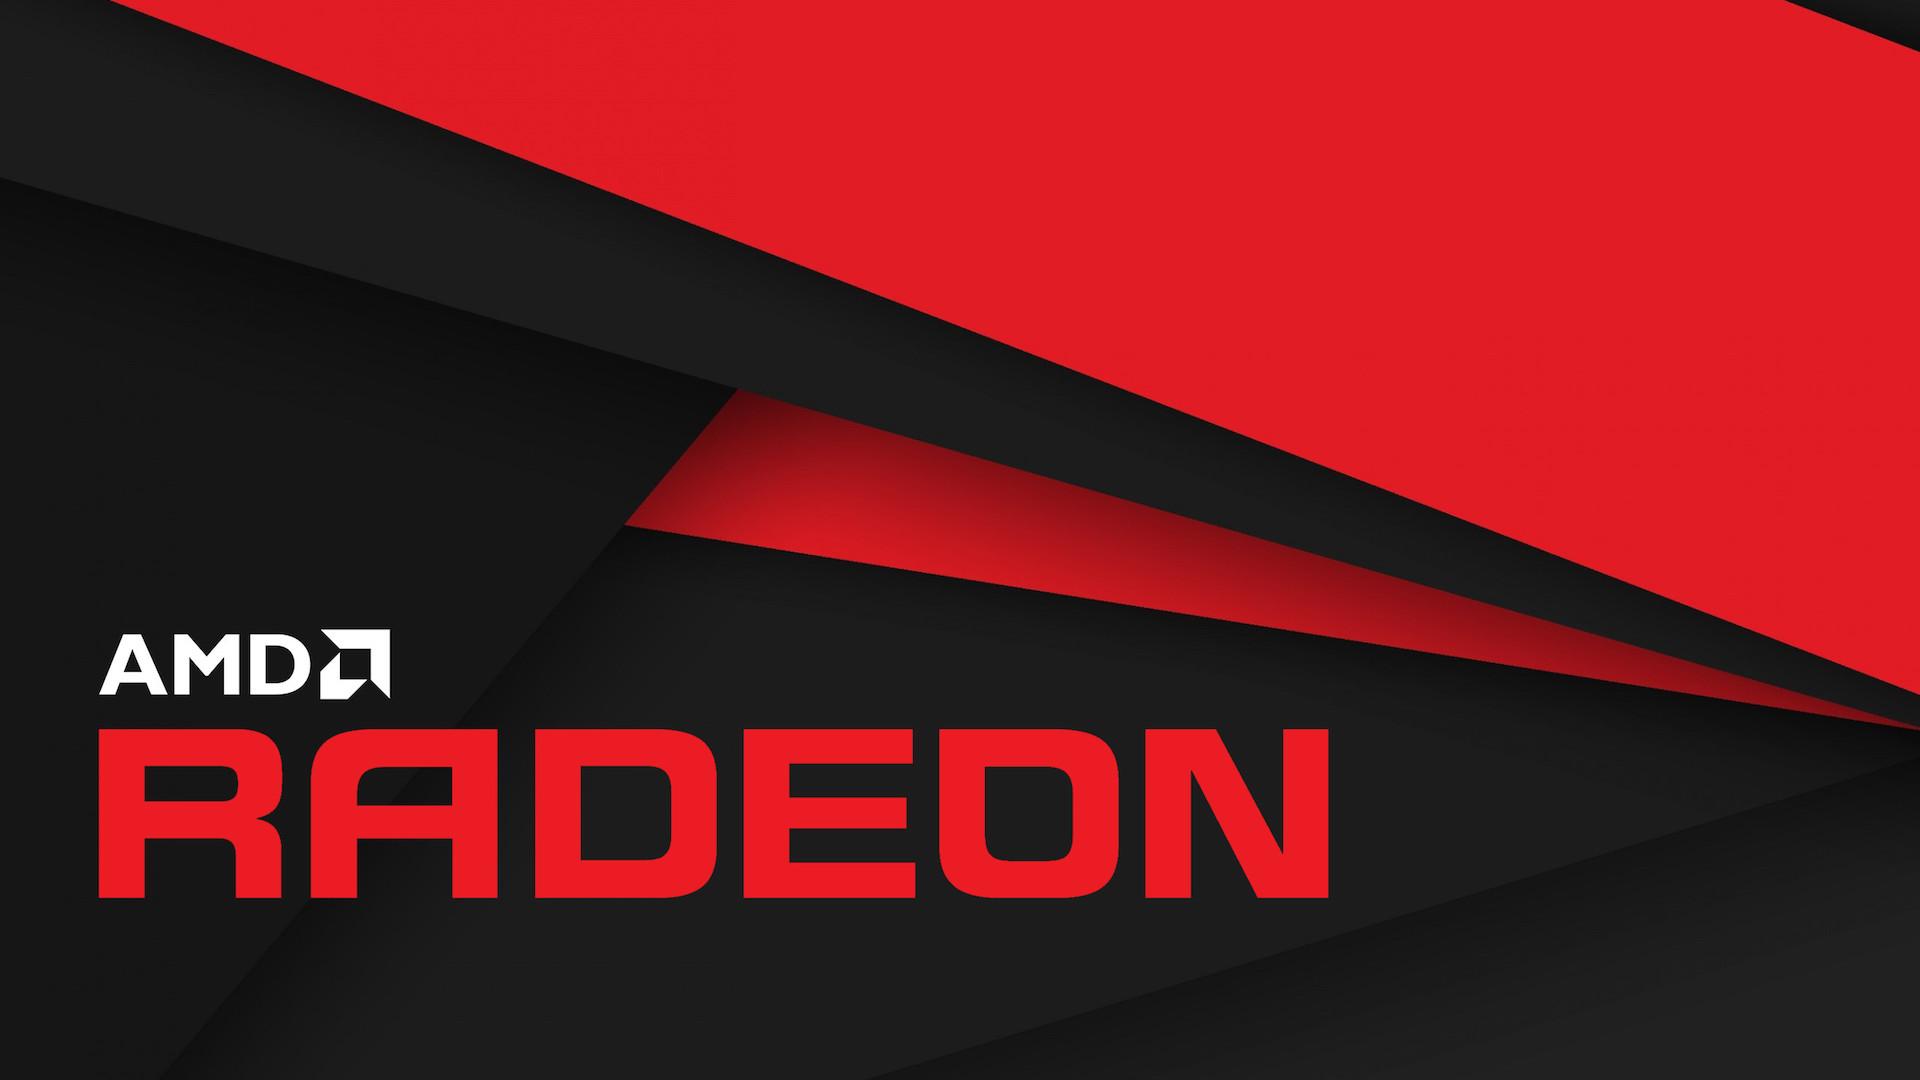 AMD : le choix judicieux pour les joueurs  exigeants avec les meilleurs PC portables gaming du moment